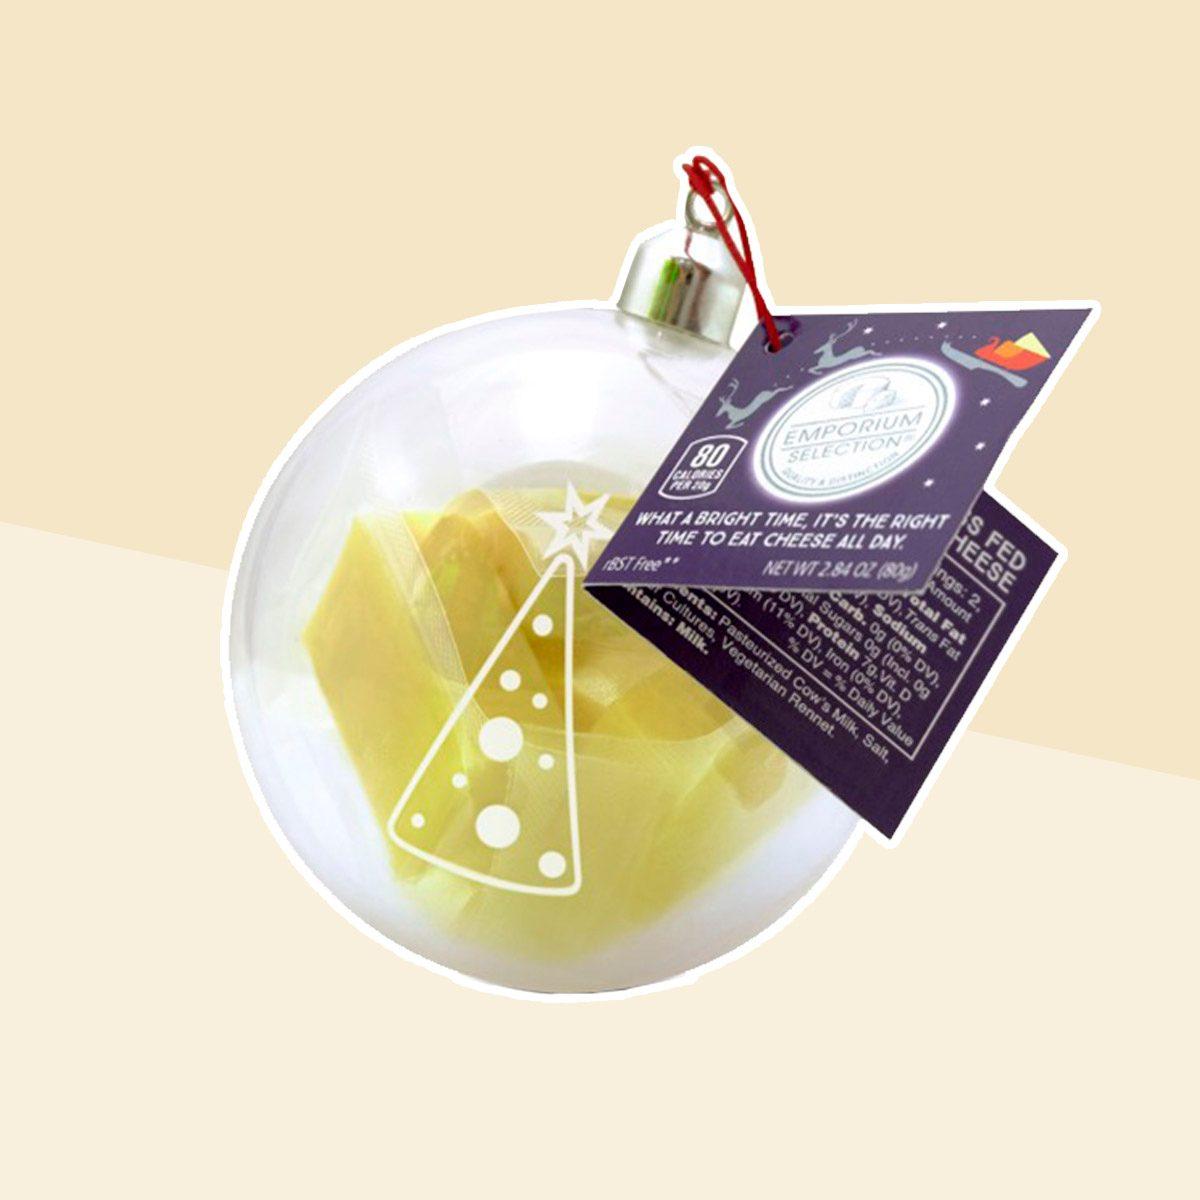 aldi cheese ornament